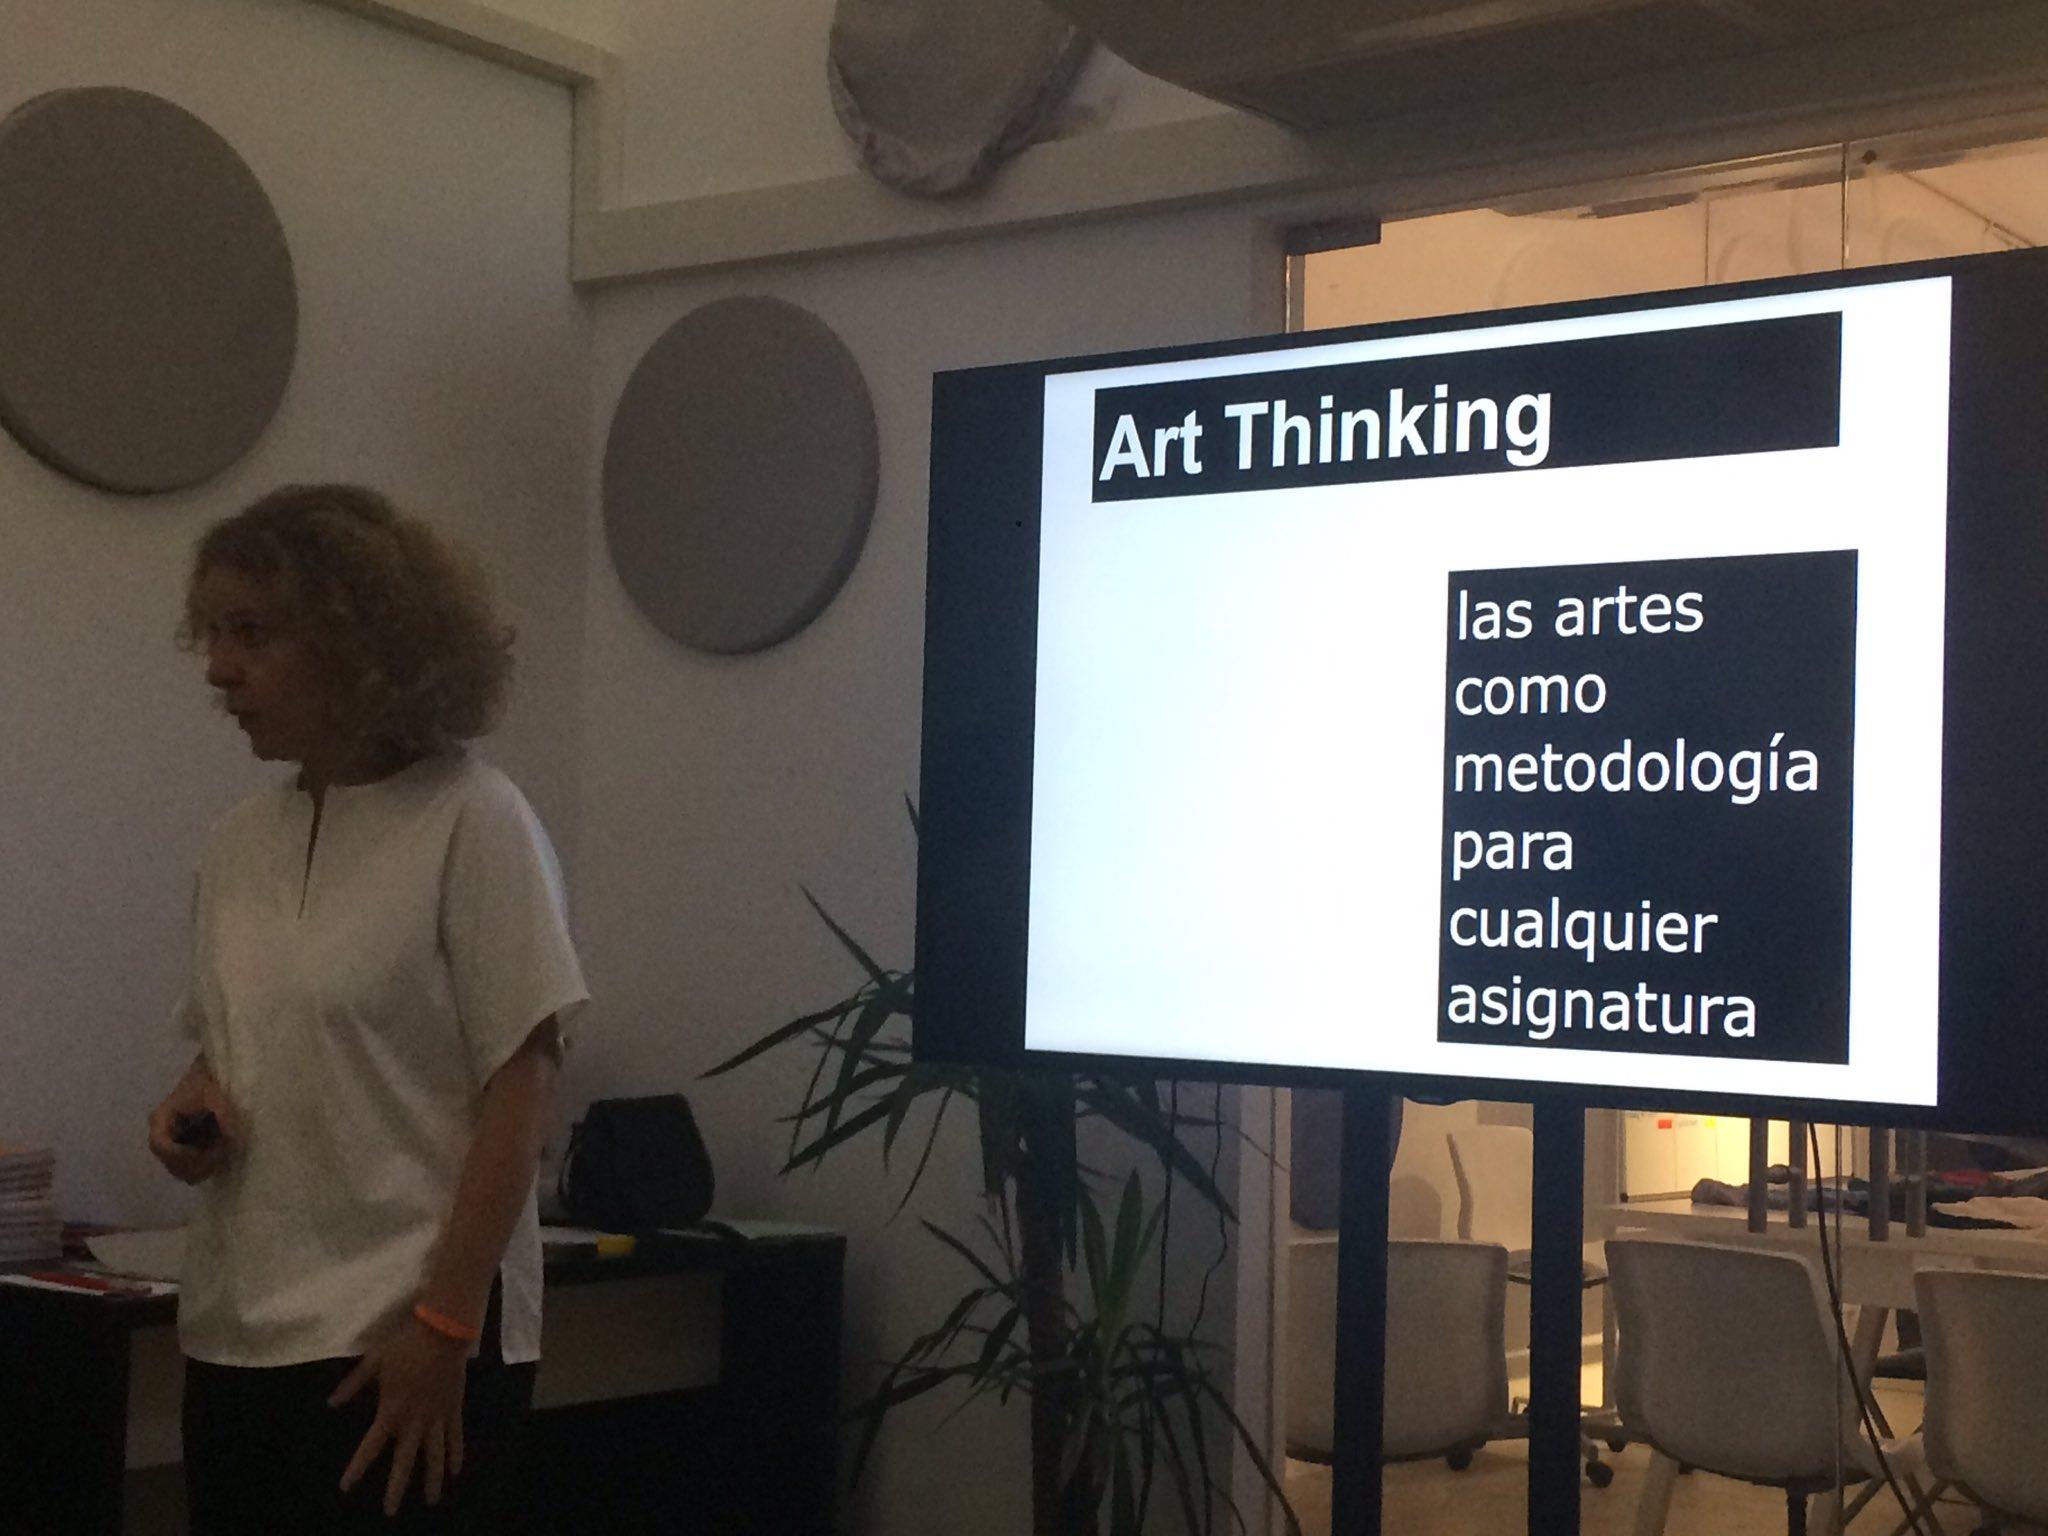 Art thinking como metodología para crear contenido educativo en vídeo by @mariaacaso #santillanalab https://t.co/3wLroQBKdK